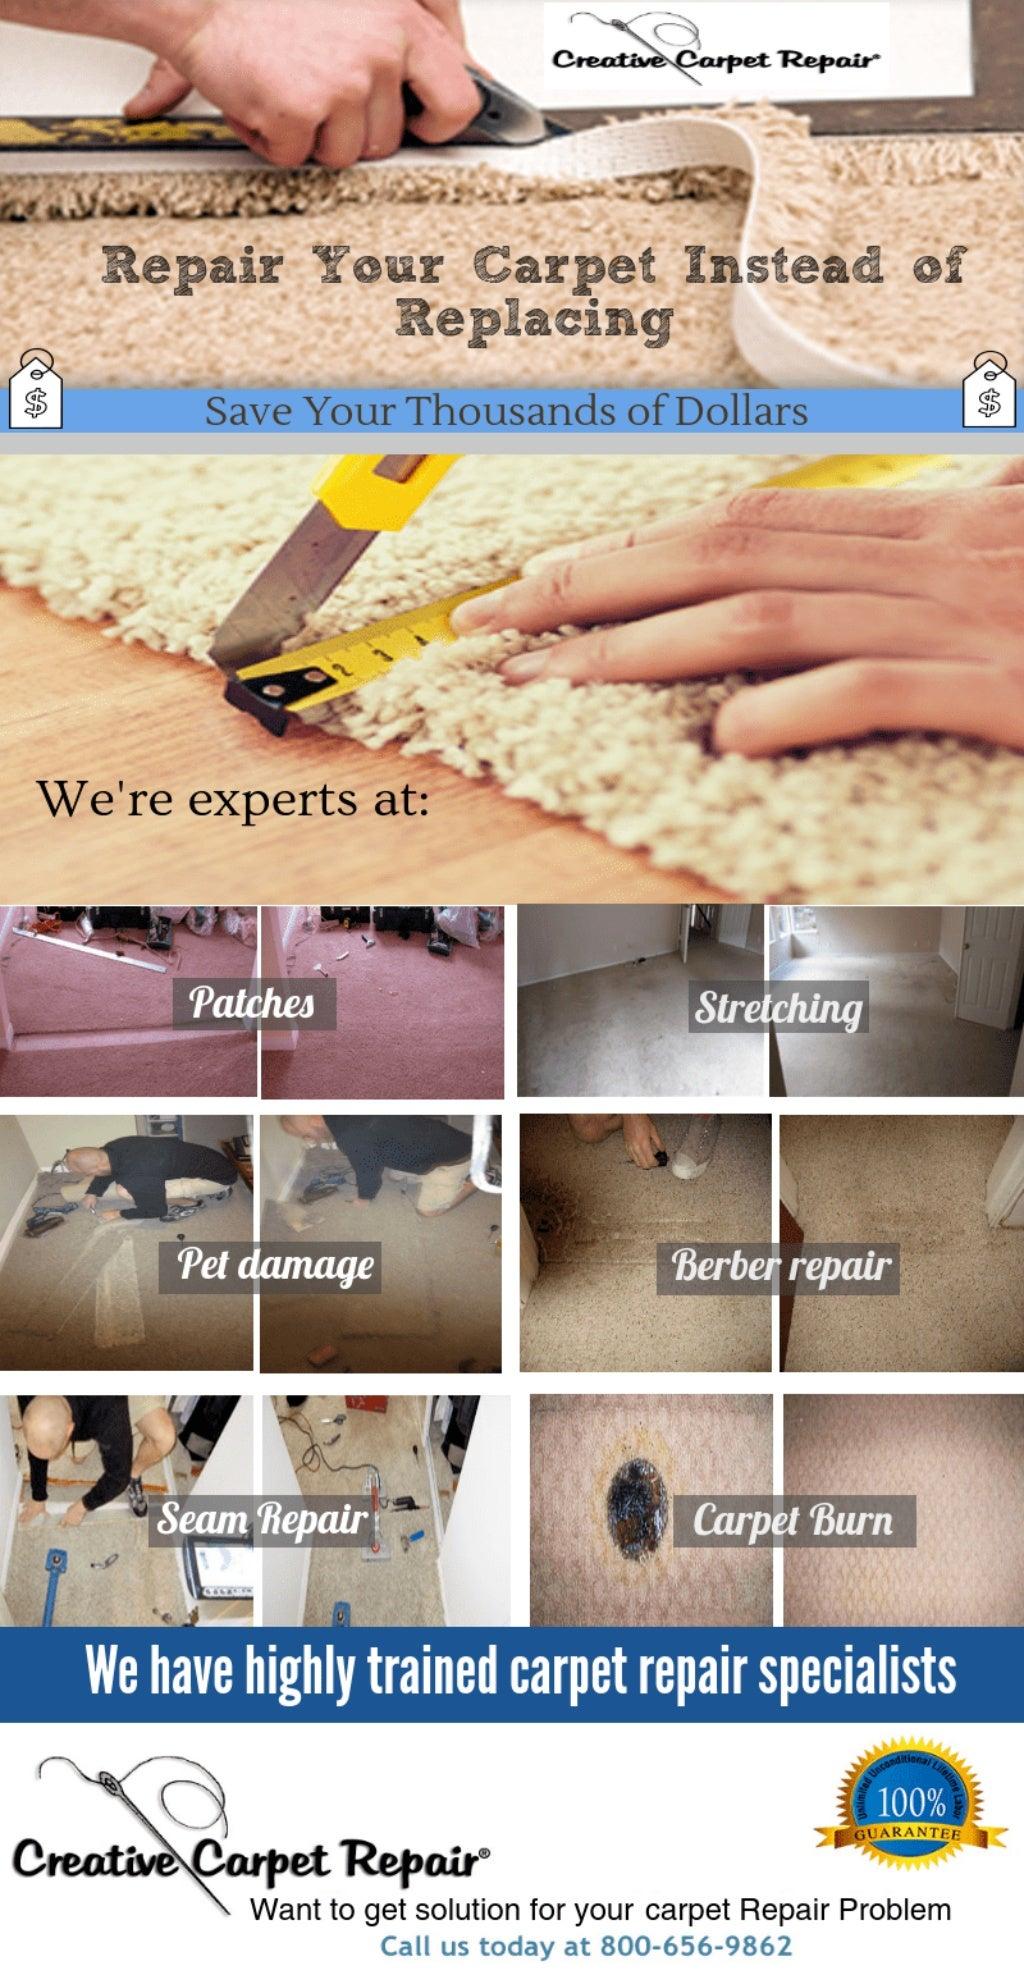 Carpet Repair - Home Improvement - Magazine cover